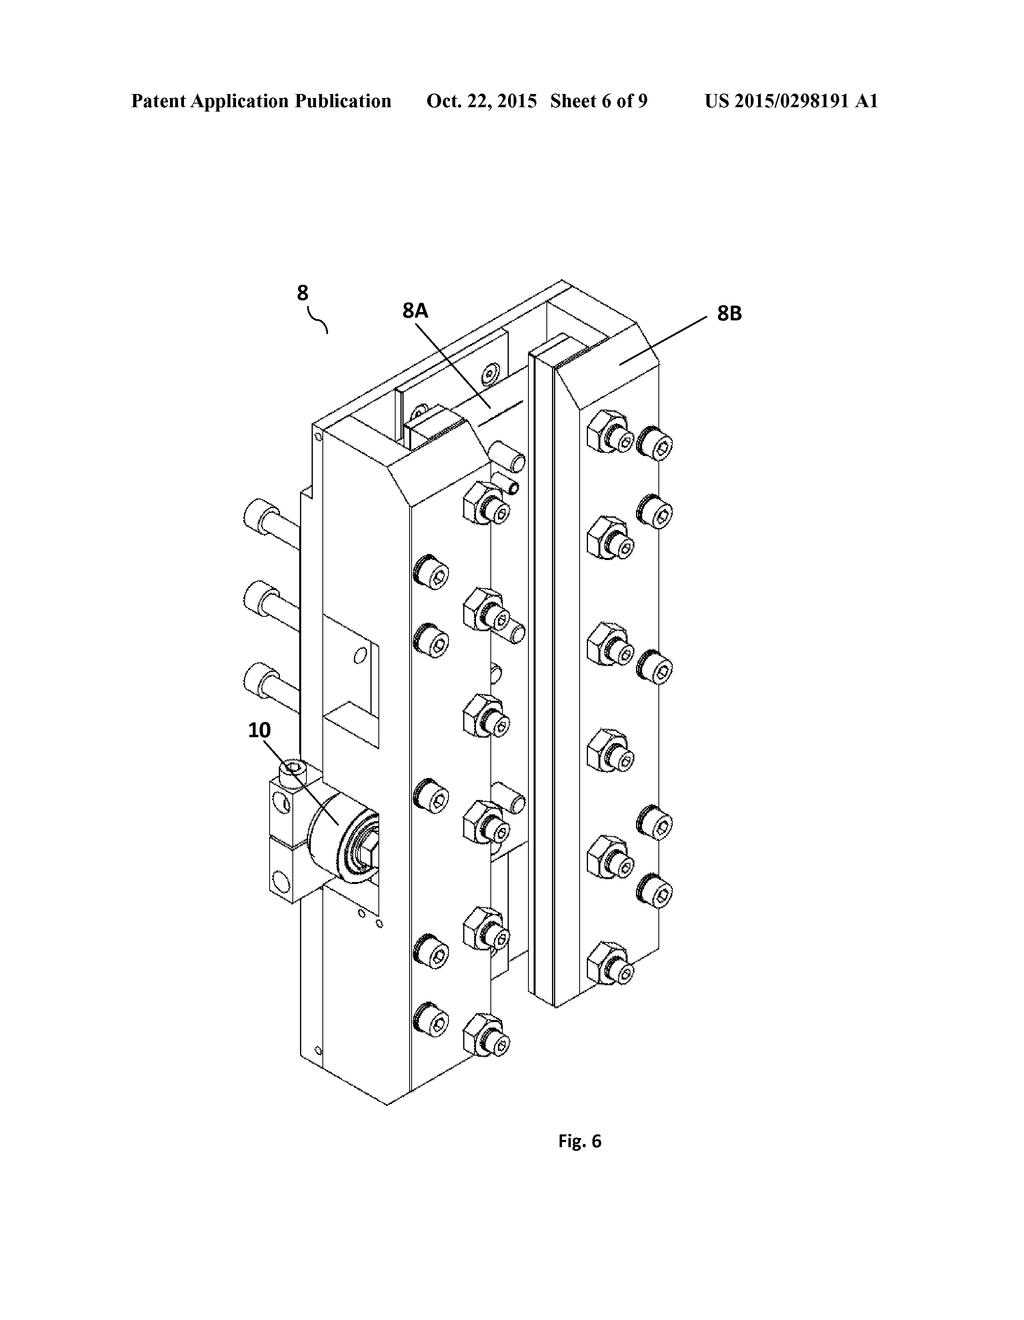 Adira Hexa-C Patent